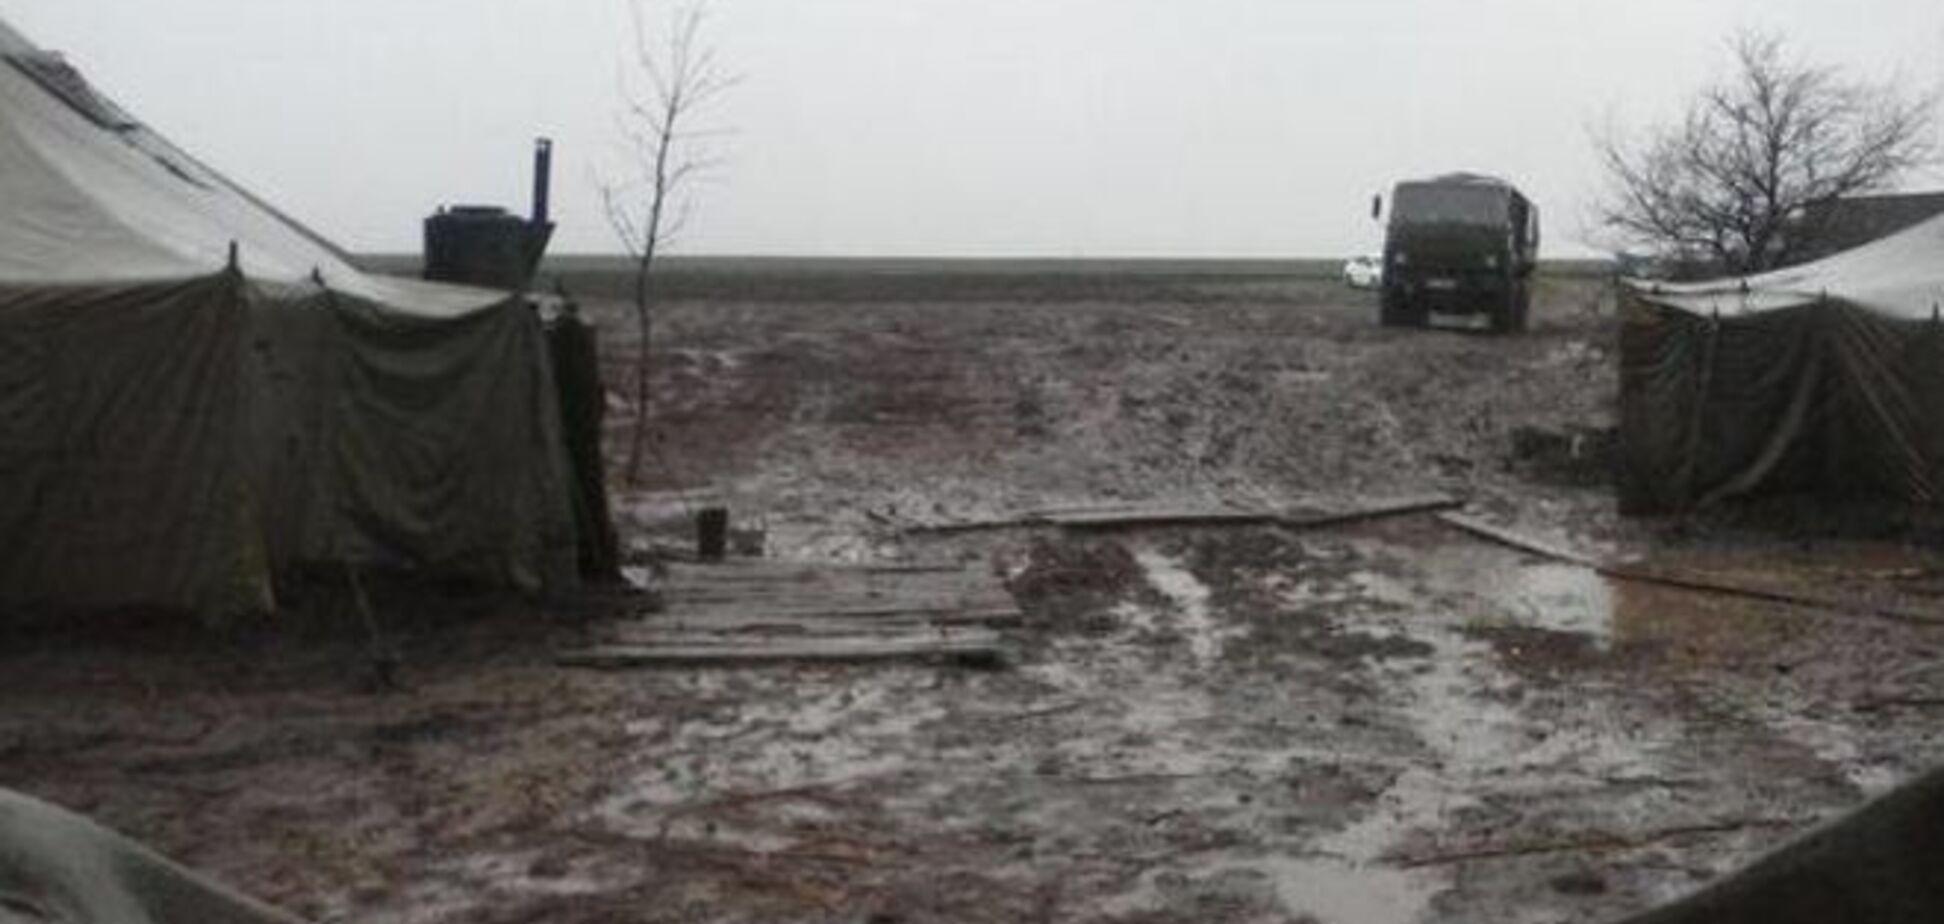 Радіотехнічні війська РФ виявлені на території України: фотодокази